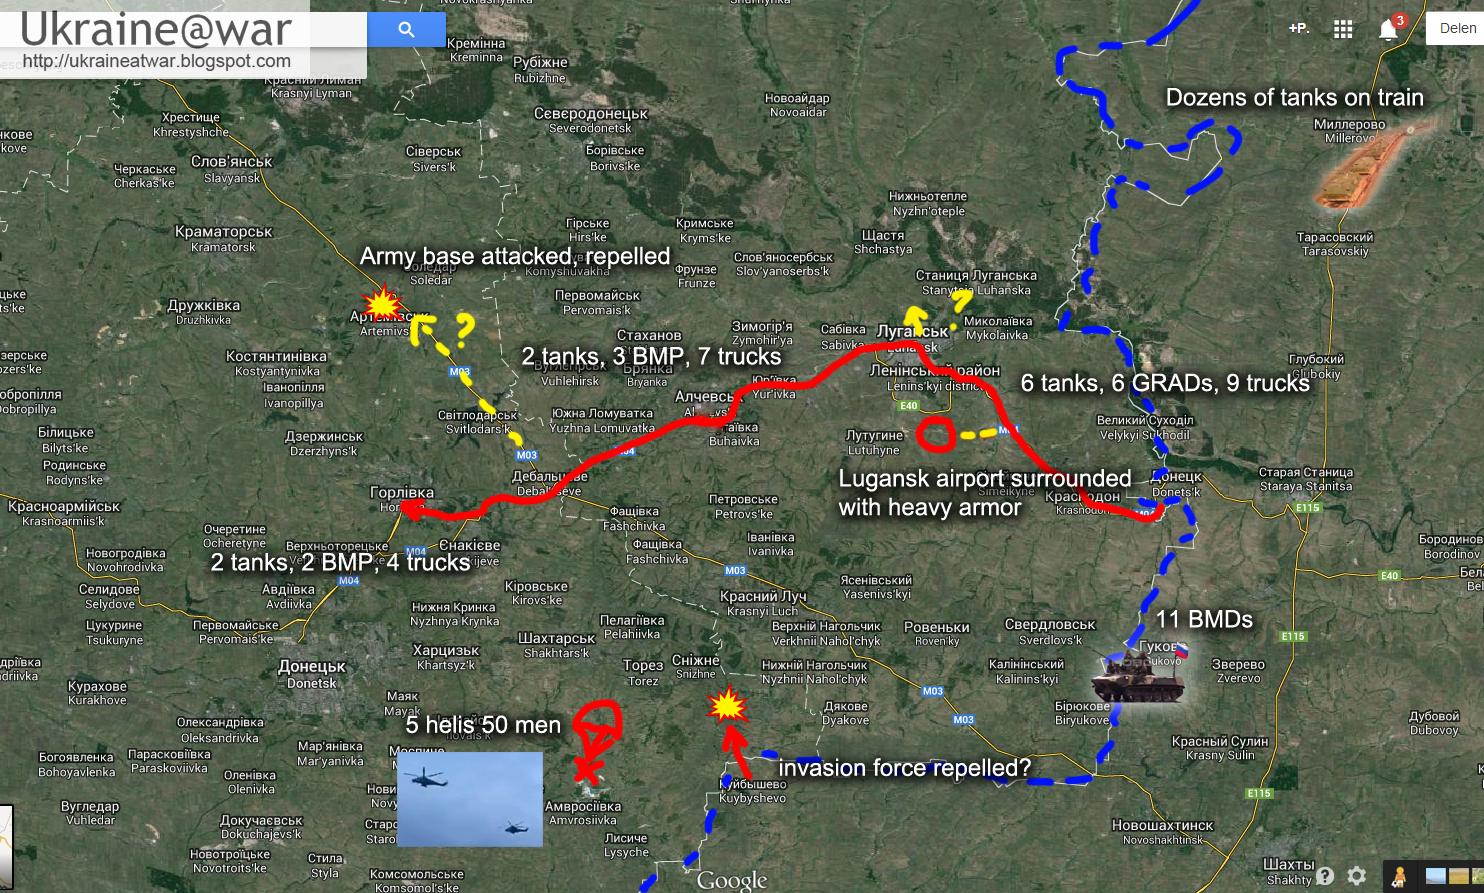 Работу миссии ОБСЕ в Украине могут продлить еще на 6 месяцев - Цензор.НЕТ 210